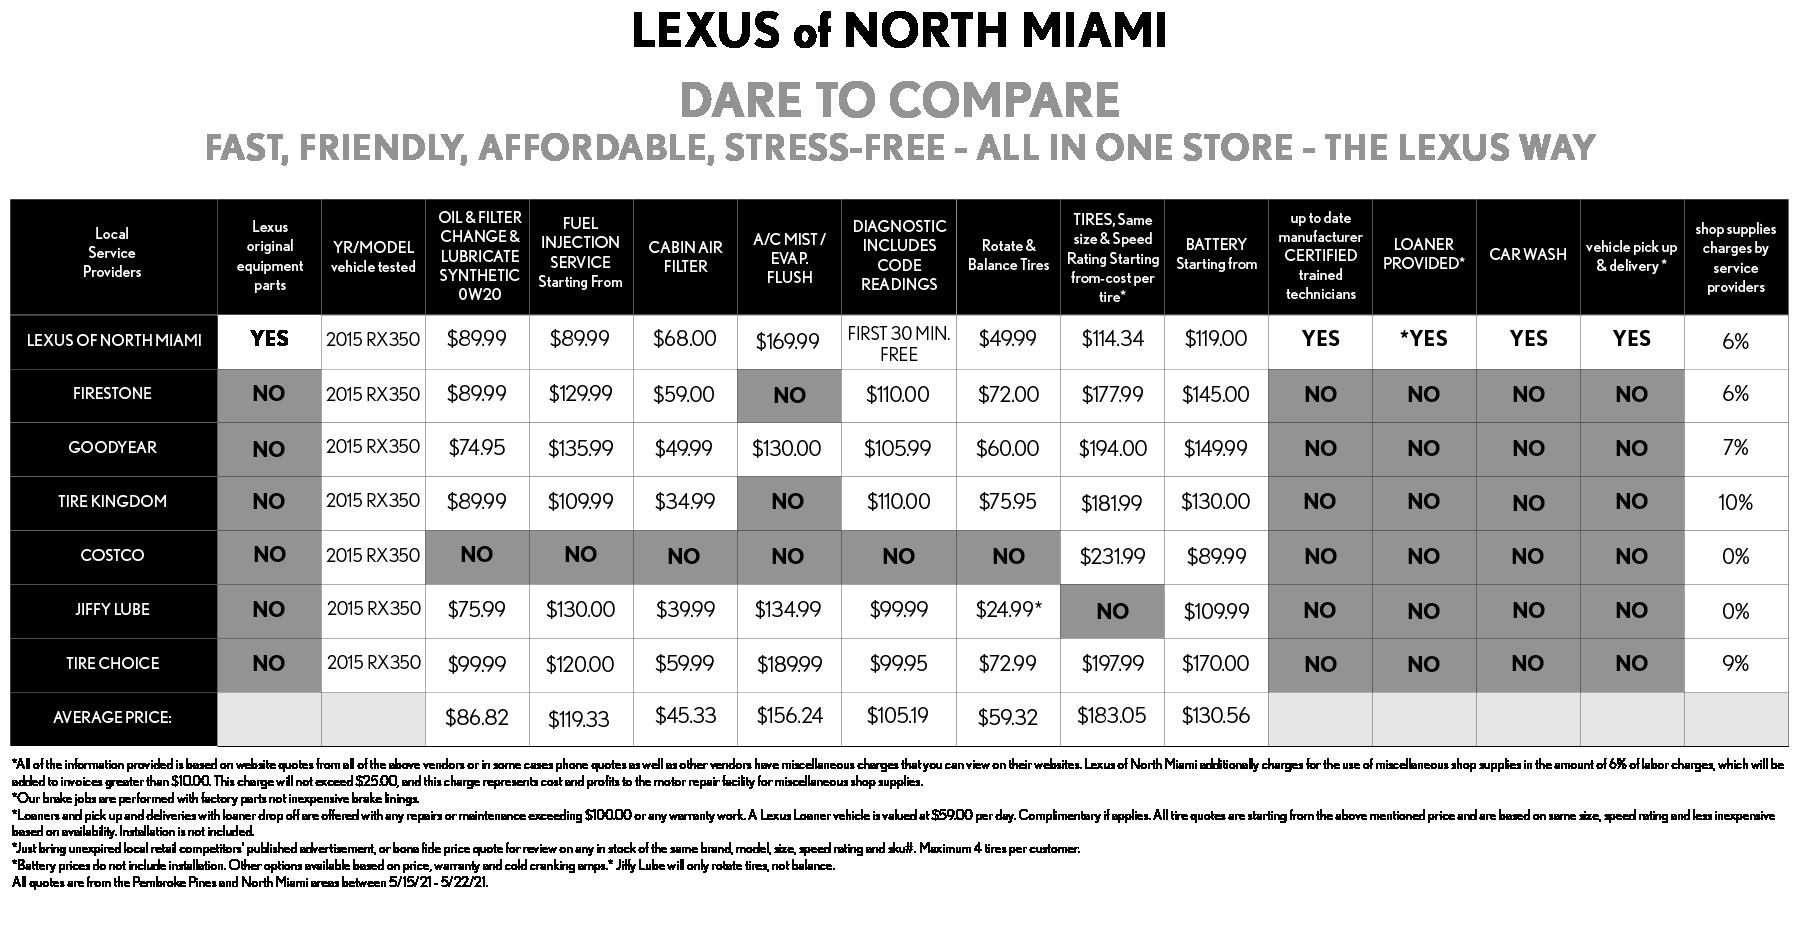 Service Compare June LNM